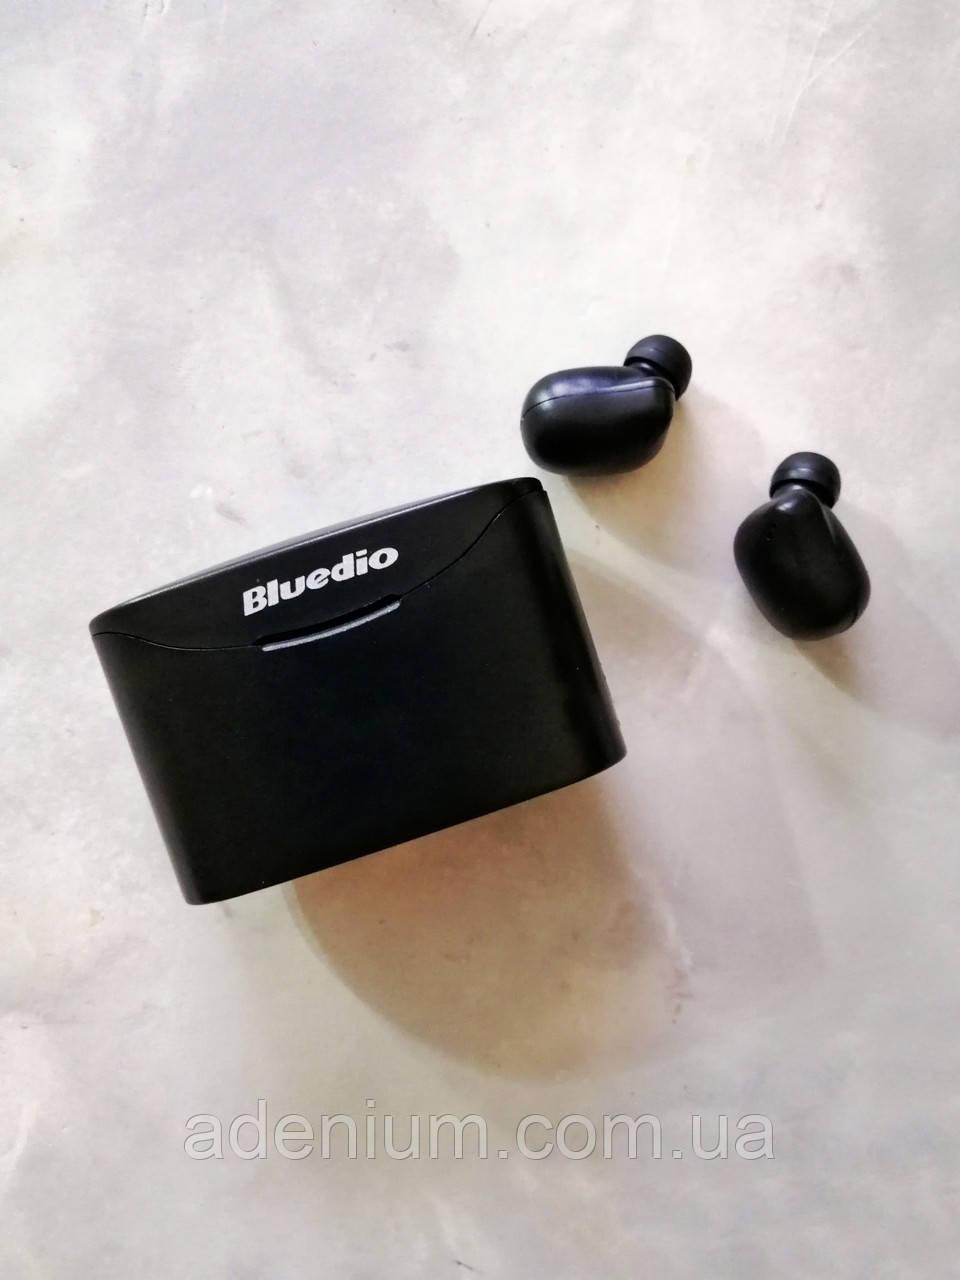 Бездротові Bluetooth-навушники Bluedio T Elf 2 із зарядним боксом